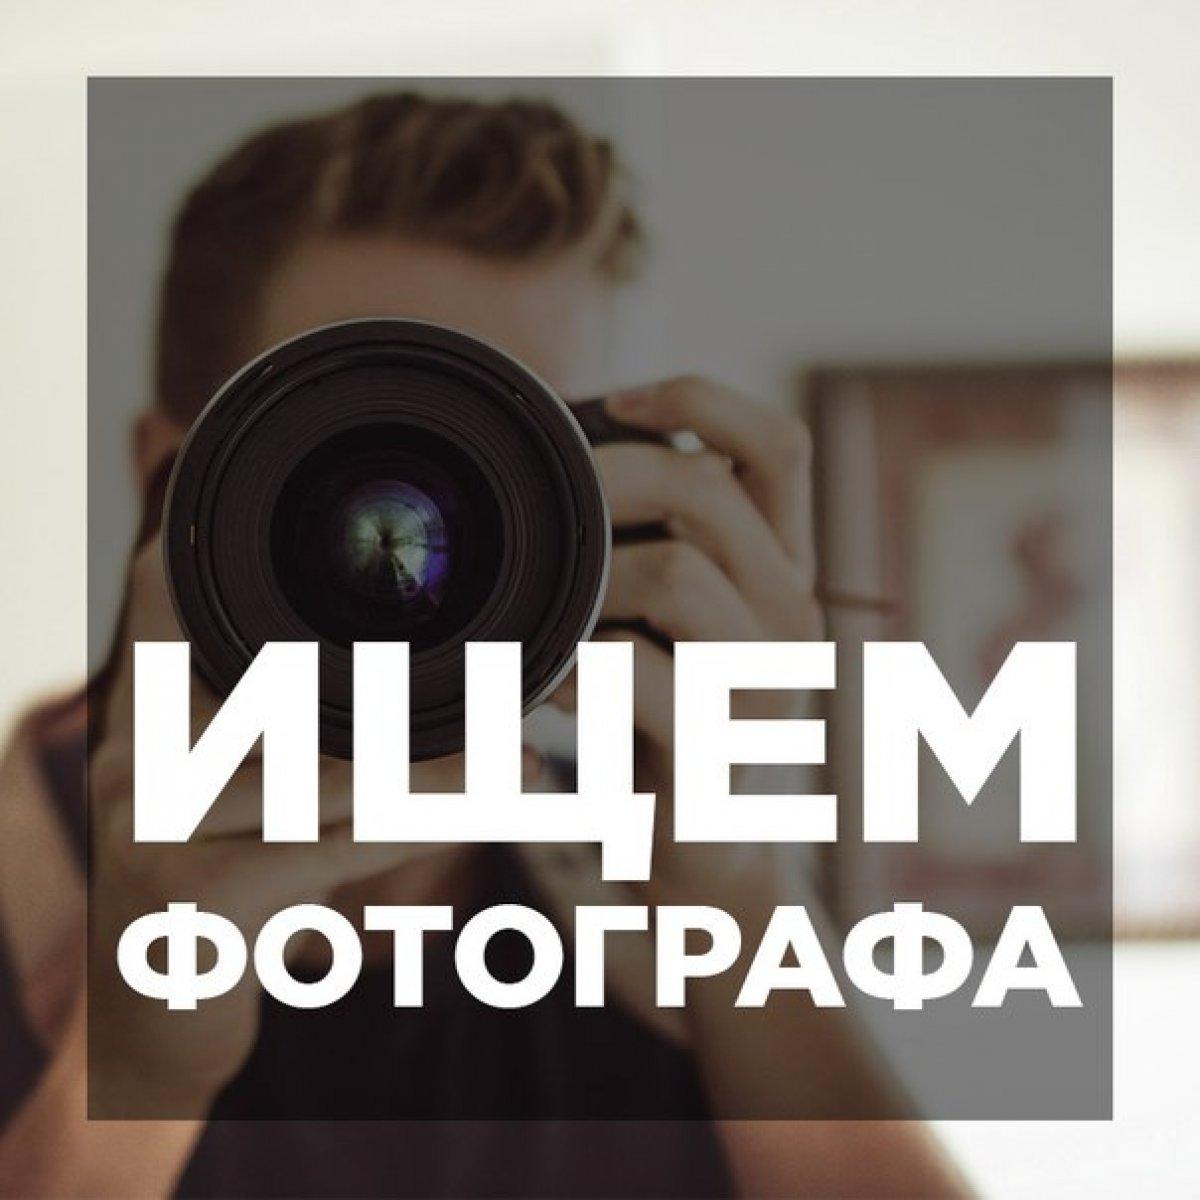 высокая где найти срочно фотографа предложение классификация, правила